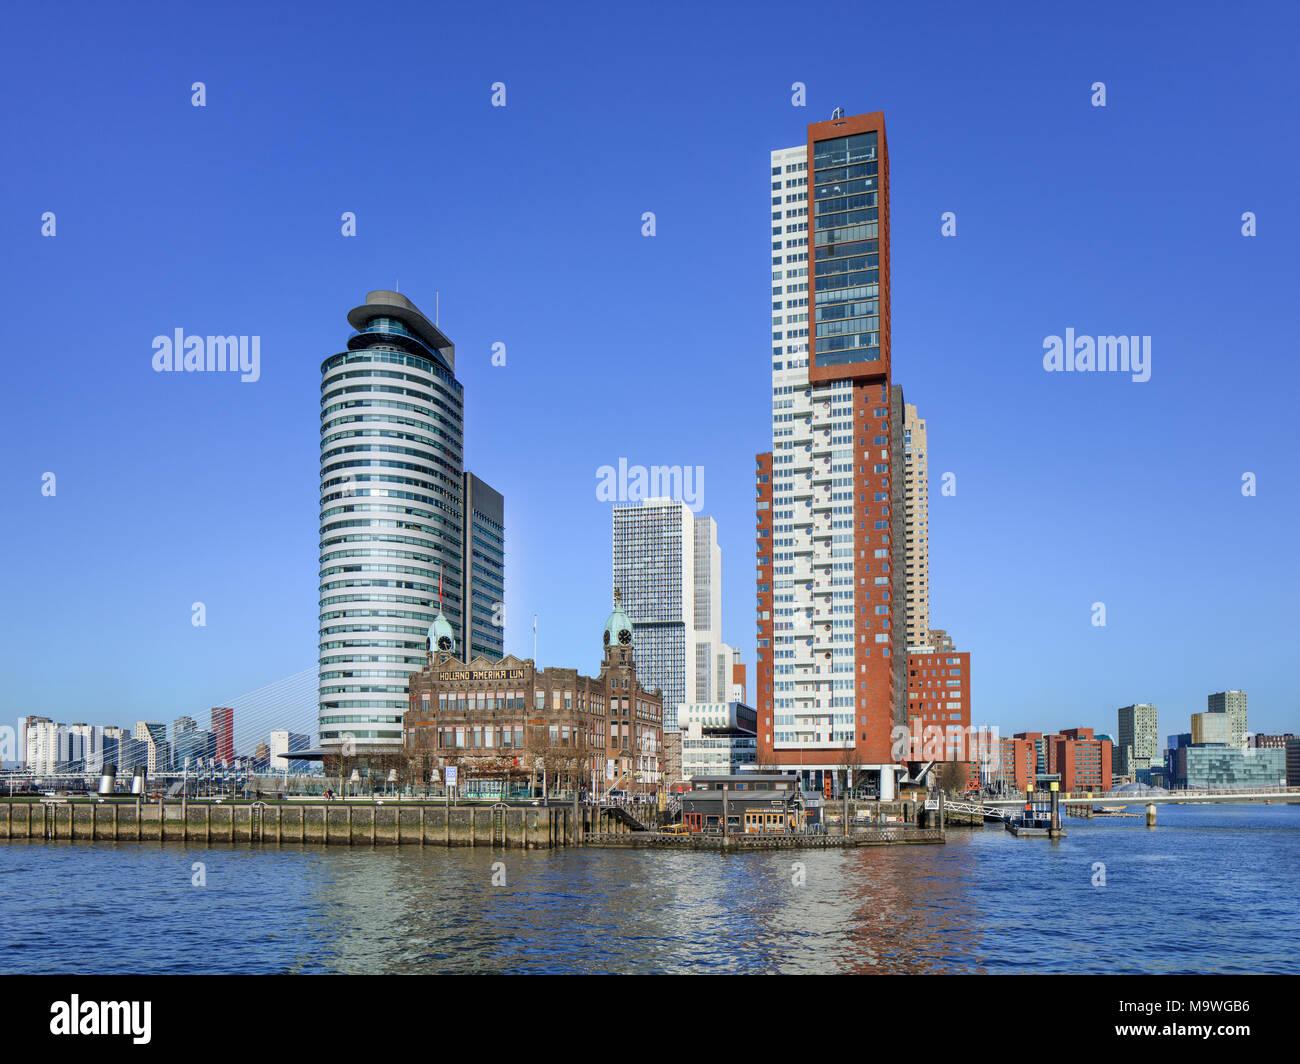 À Rotterdam le 7 février 2018. Hotel New York, Montevideo Tower et port mondial au Kop van Zuid, un domaine relativement nouveau sur la rive sud de la Meuse. Photo Stock